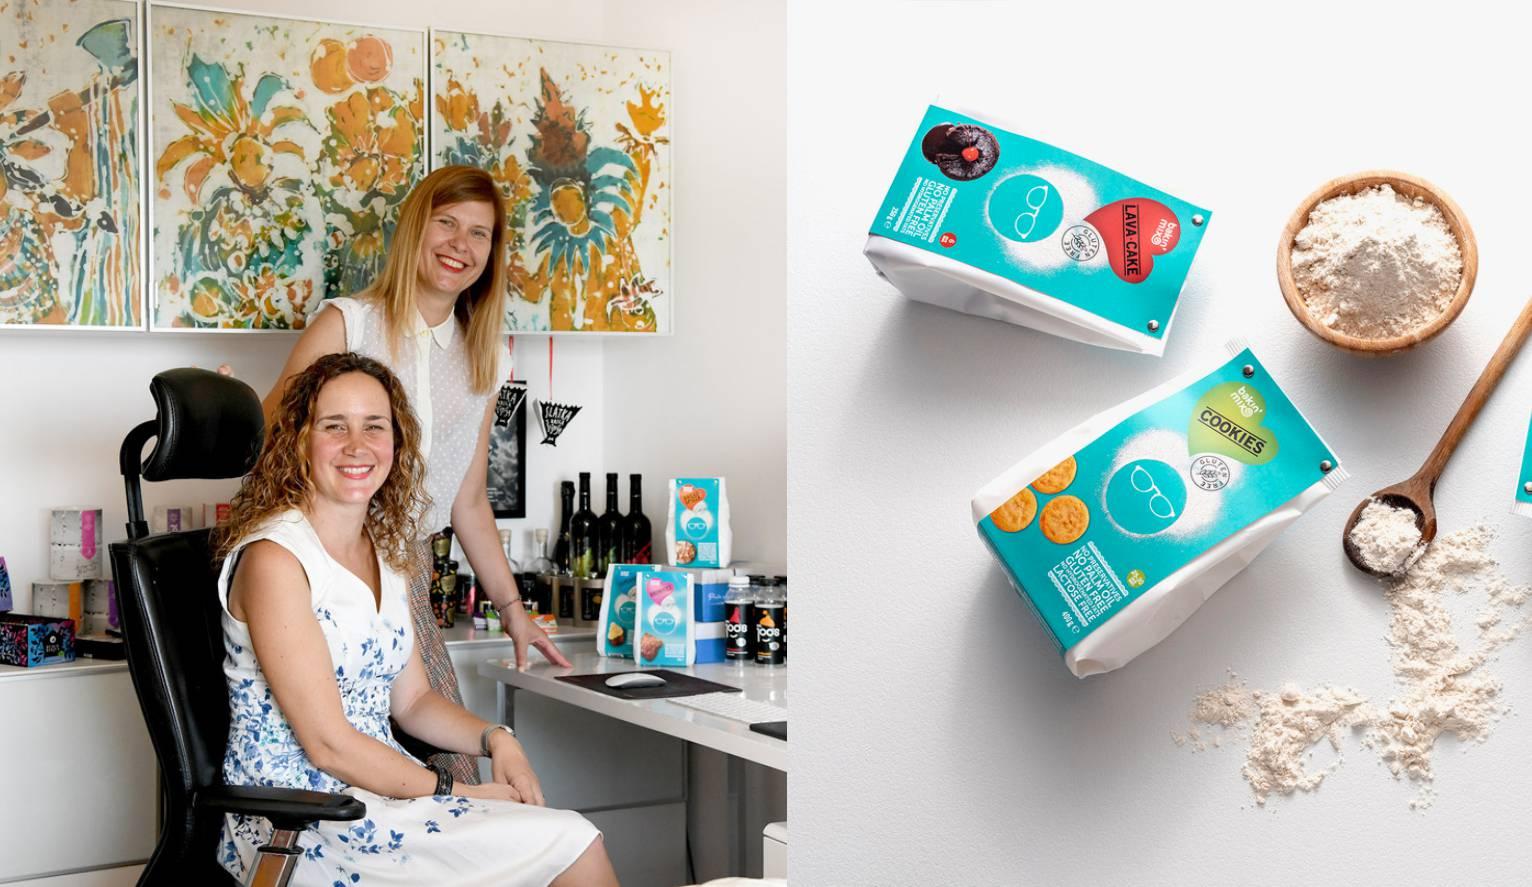 Riječke poduzetnice: Naše je brašno na listi lijekova, a dobile smo i nagradu za dizajn